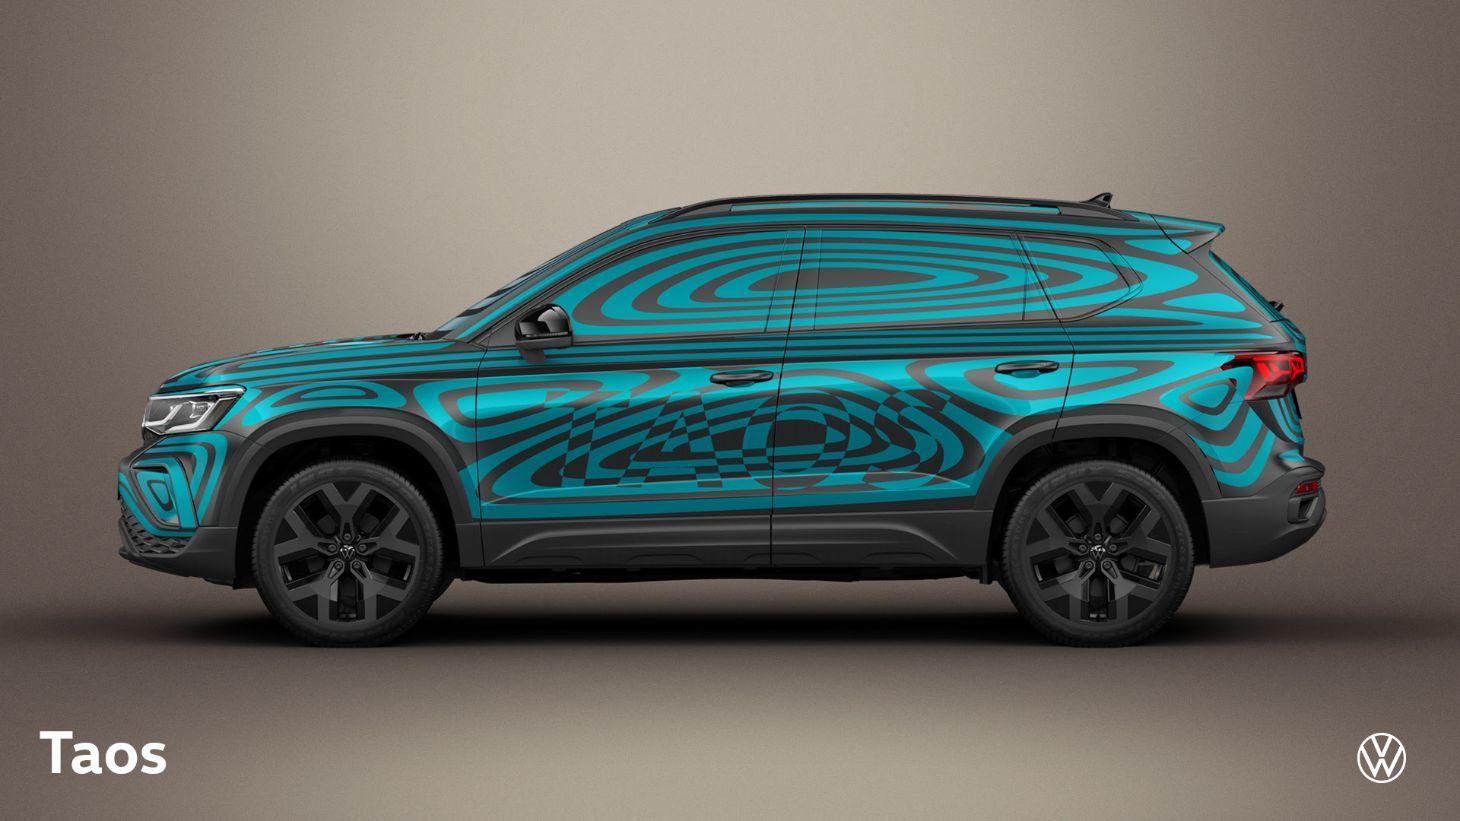 lateral do volkswagen taos com camuflagem azul e preta